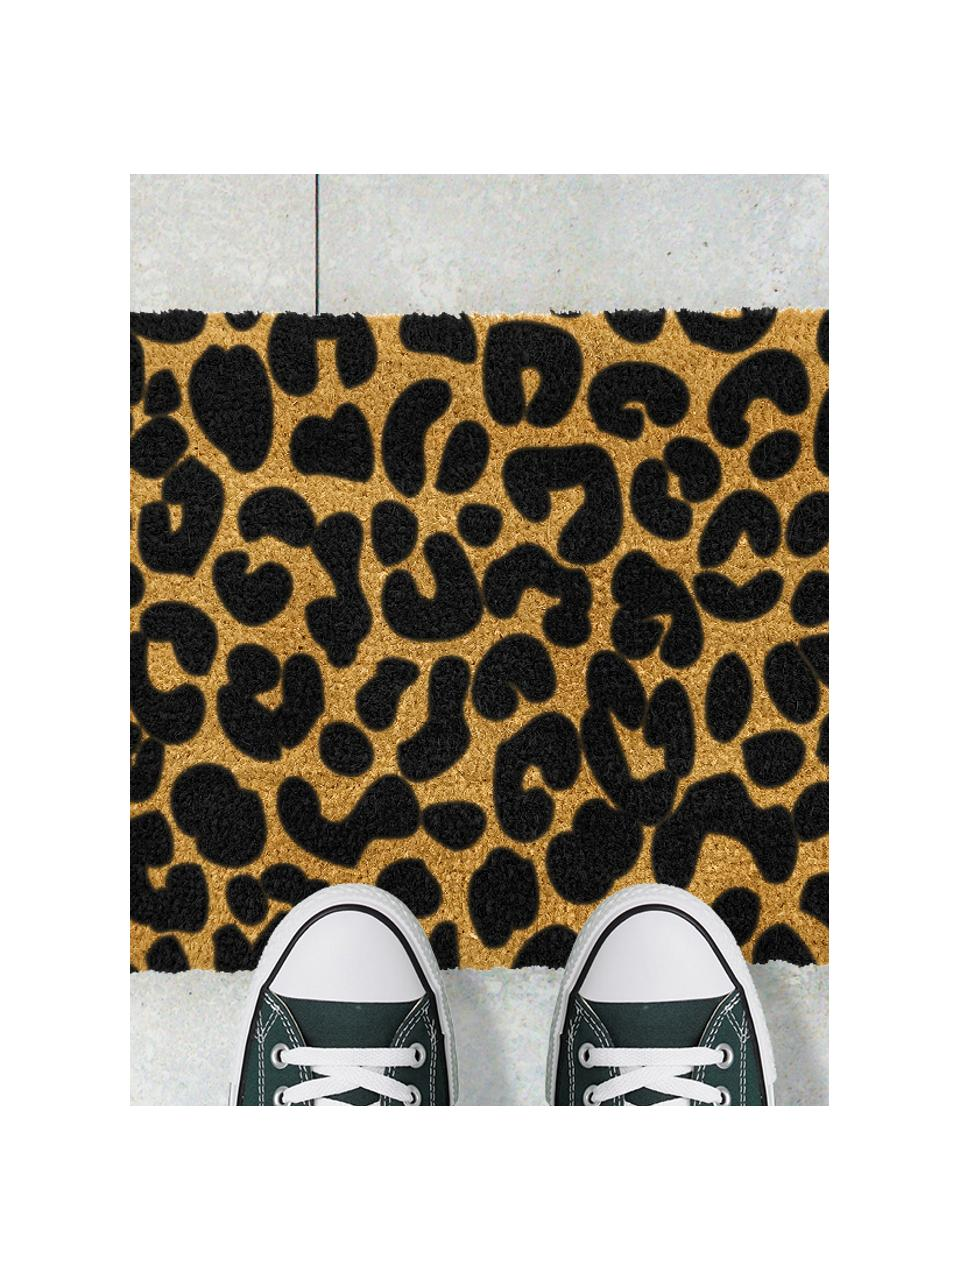 Zerbino in cocco leopardato Leopard, Retro: PVC, Beige, nero, Larg. 40 x Lung. 60 cm